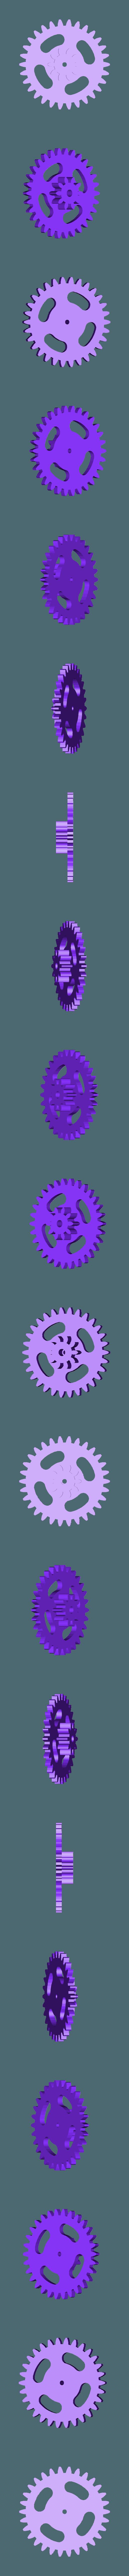 gear_stage.STL Télécharger fichier STL gratuit Réducteurs à engrenages modulaires • Design pour impression 3D, Wachet